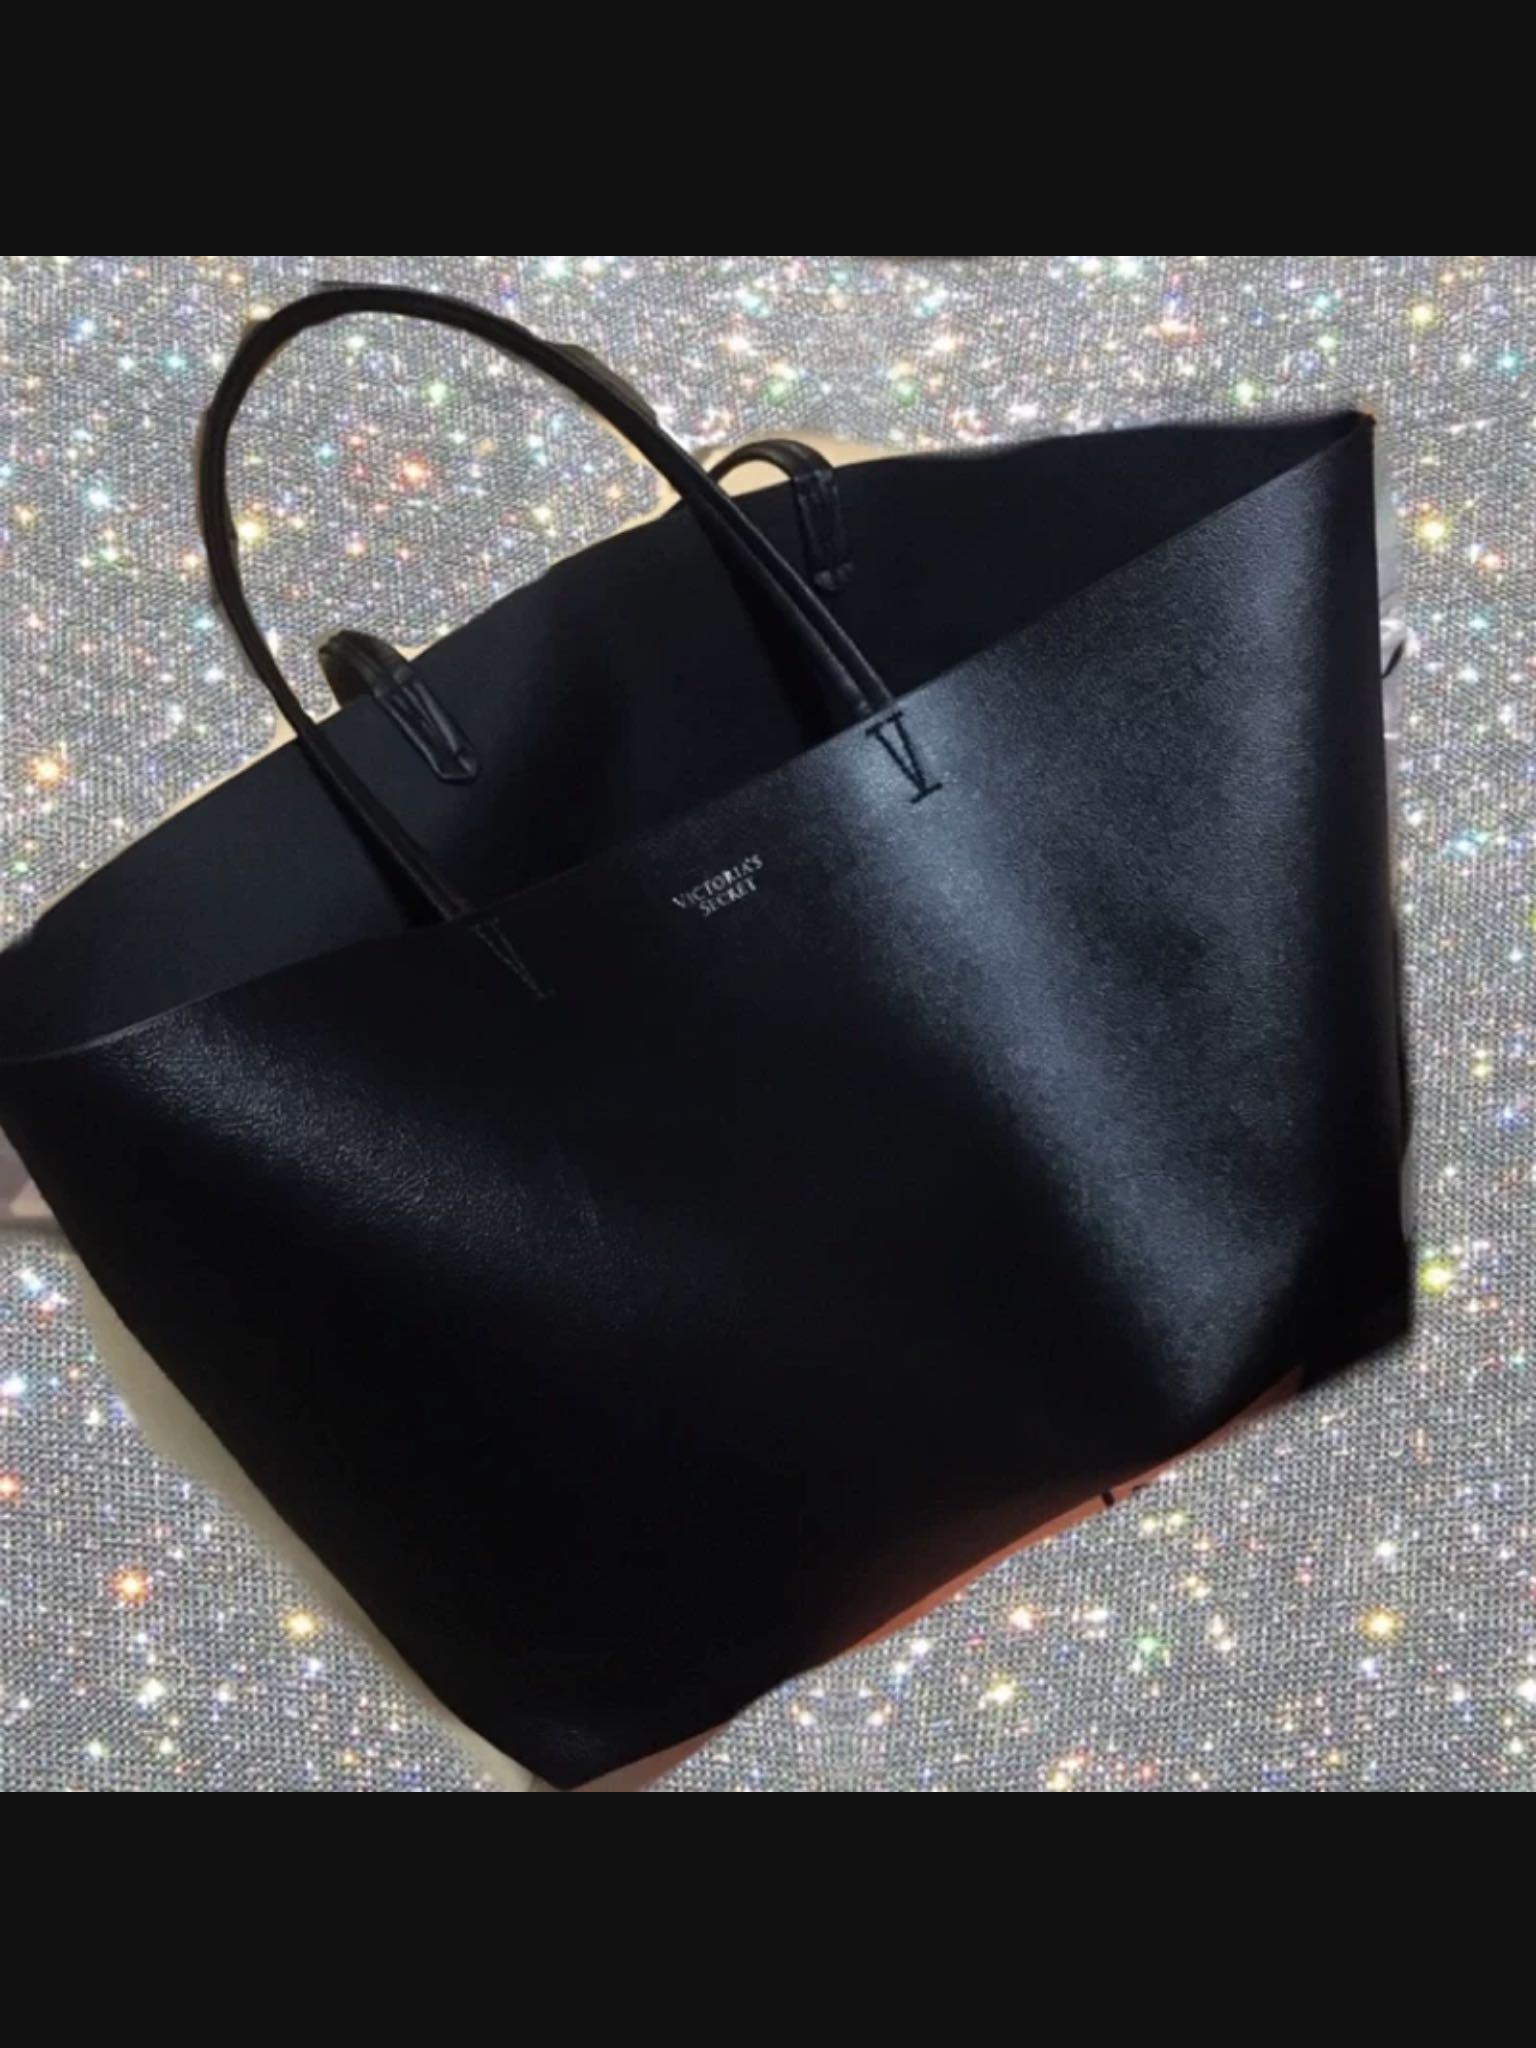 Victoria secret tote bag Pre order